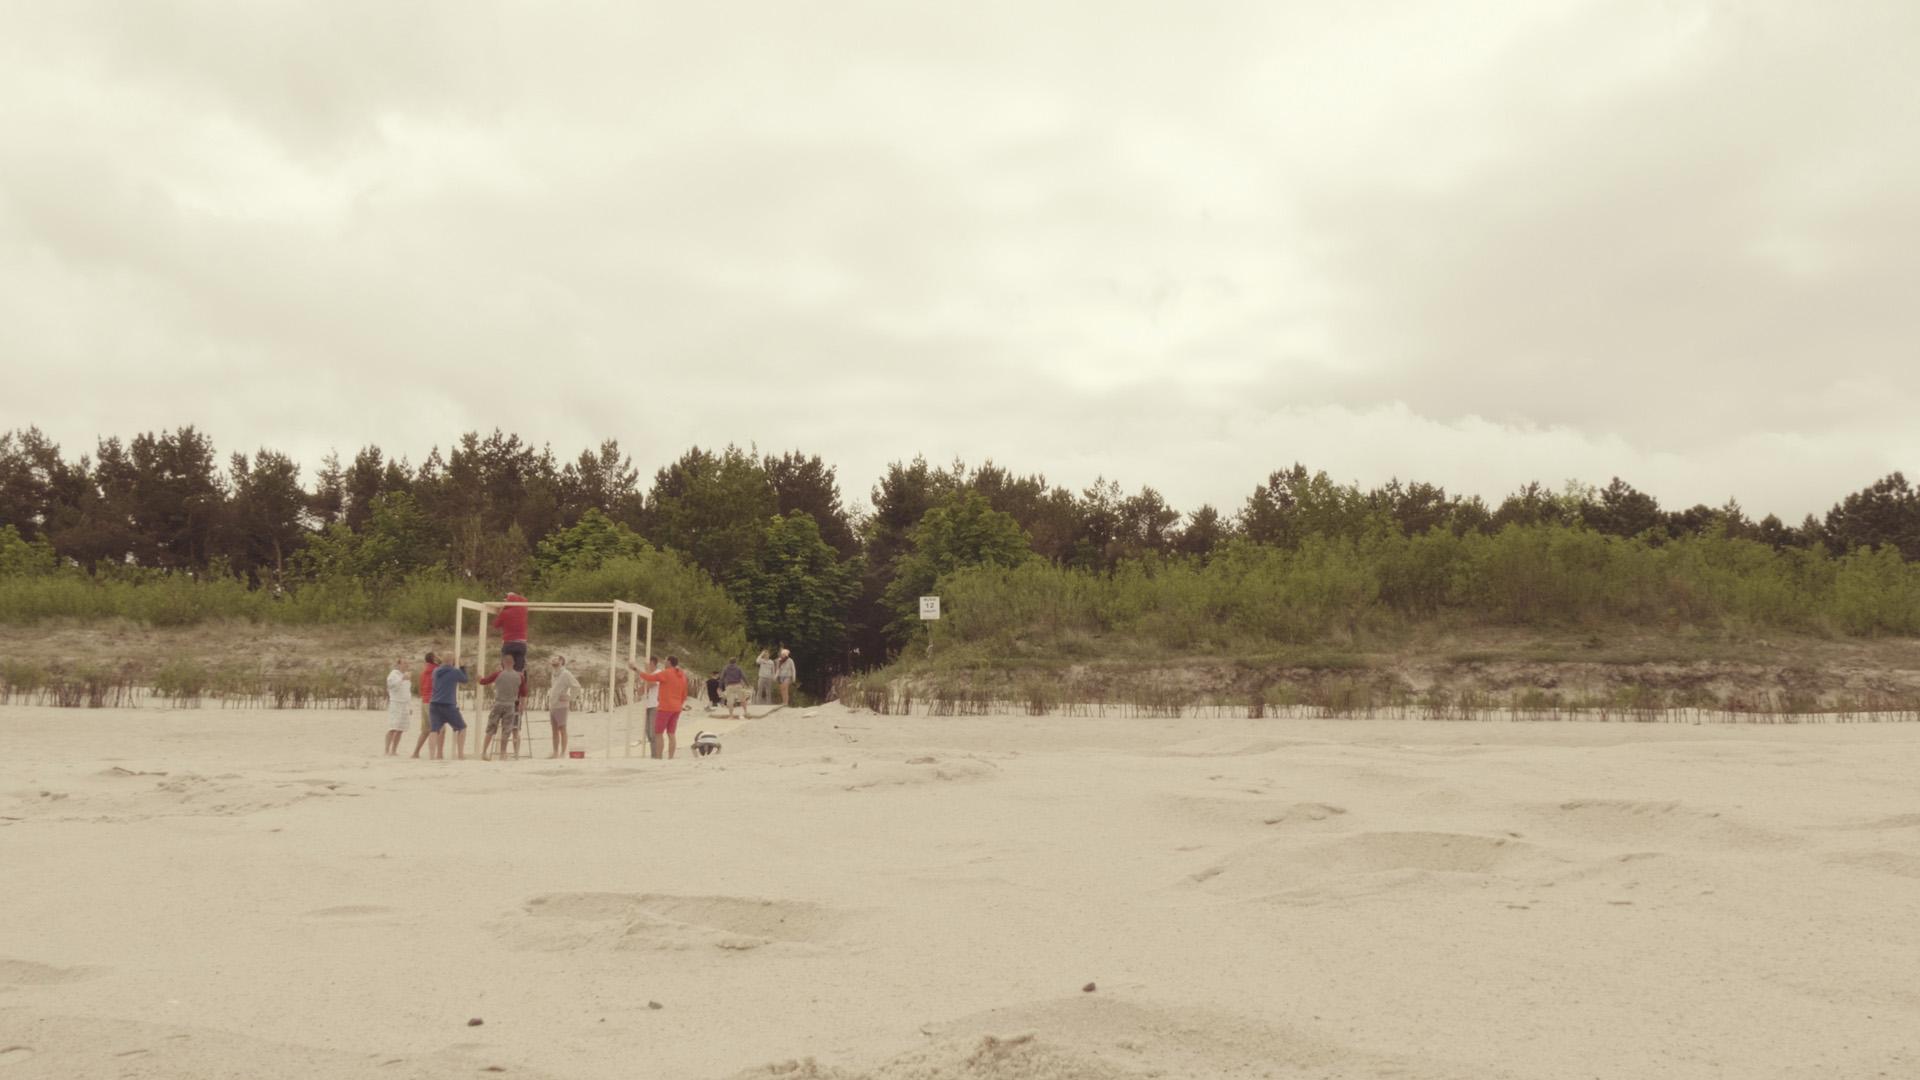 8 ślub w plenerze na plaży nad morzem